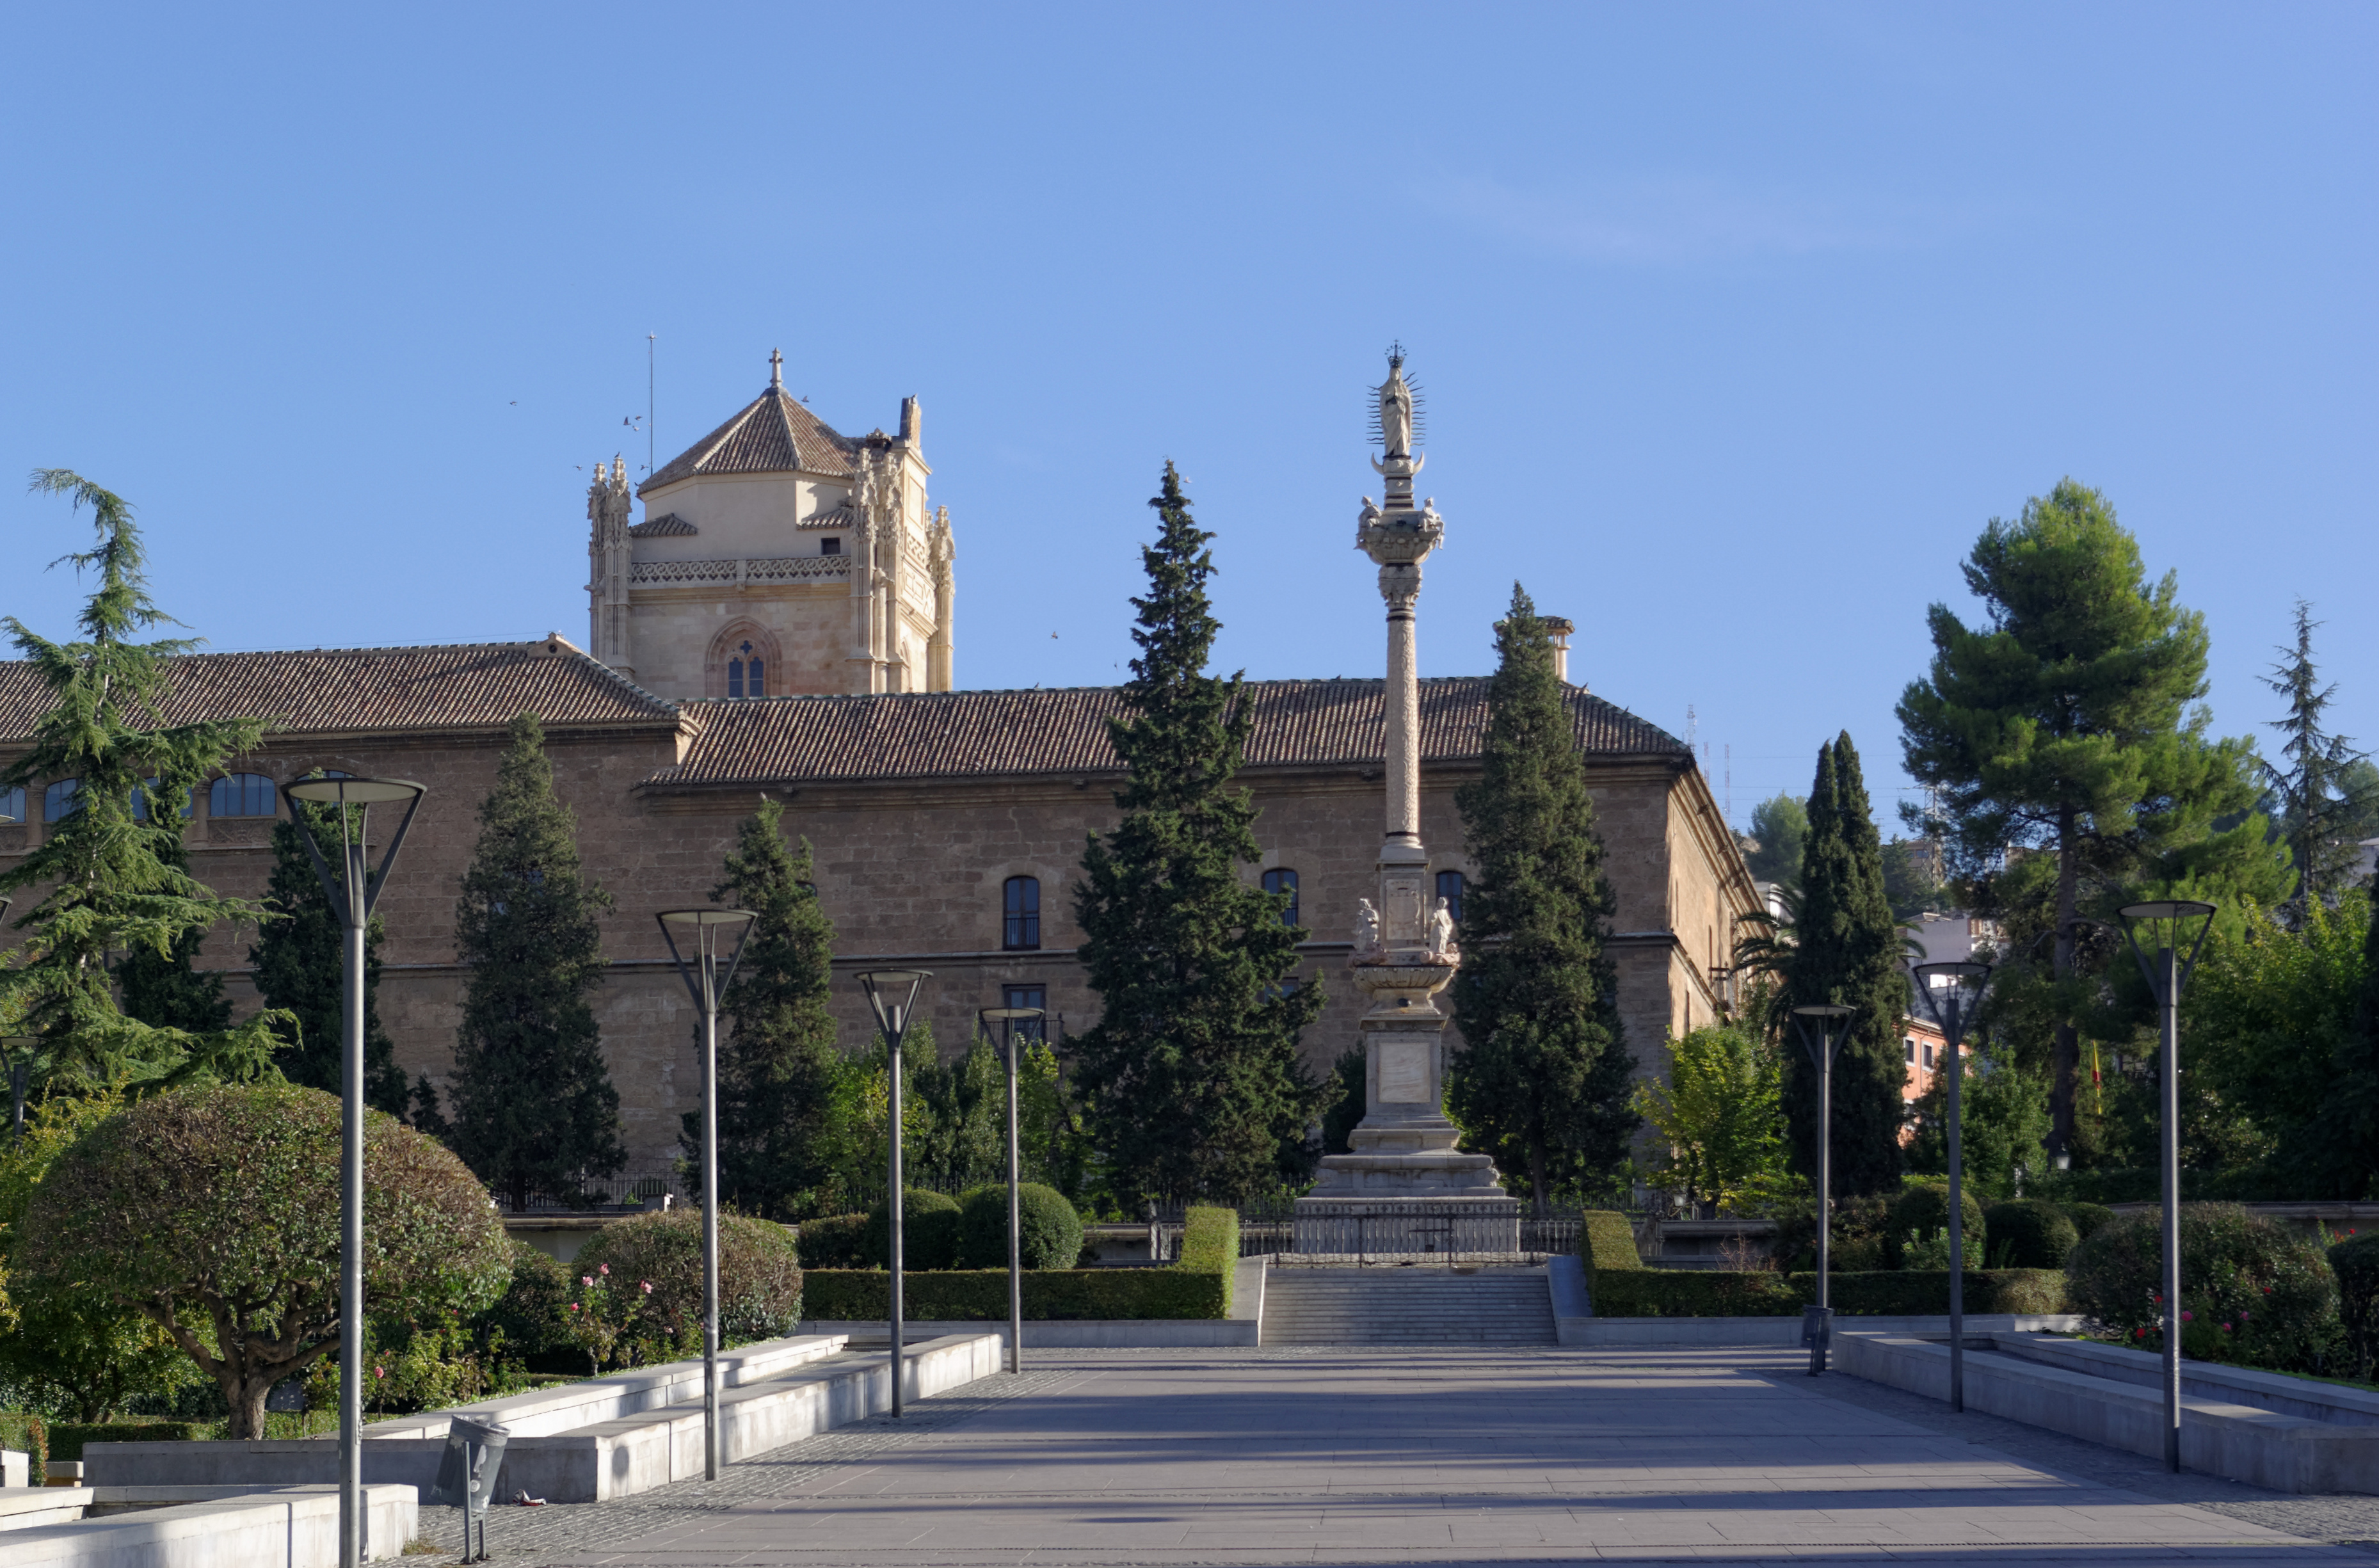 Depiction of Universidad de Granada